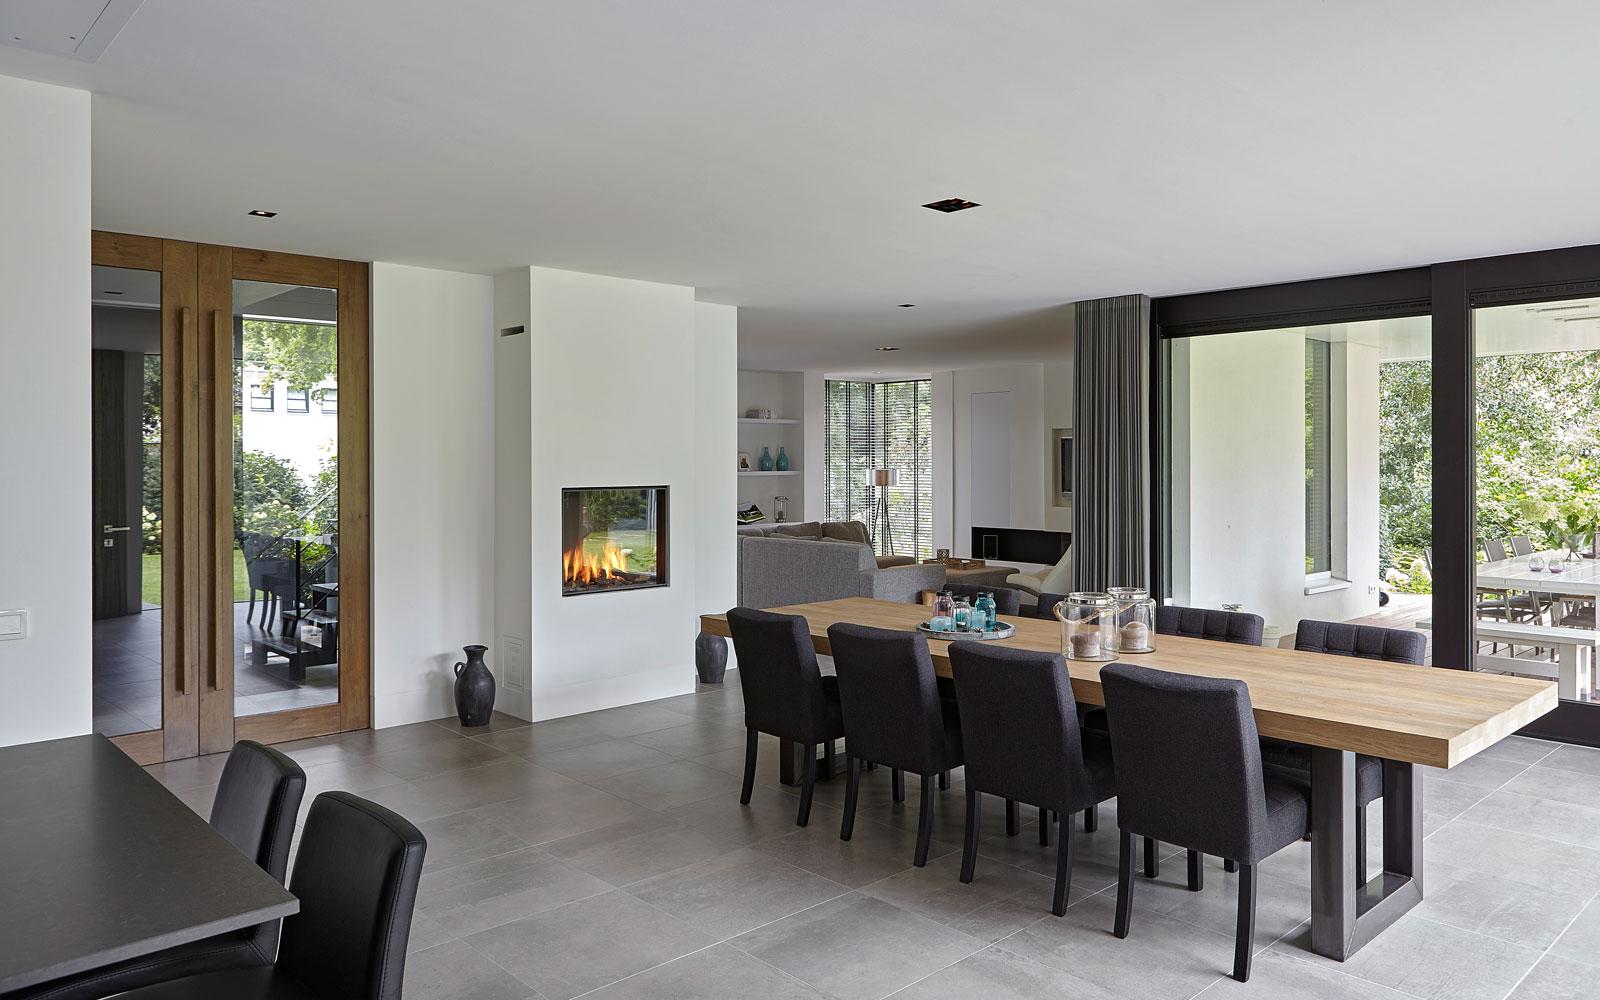 Living, eettafel, hout, eikentafels.nl, eiken hout, doorkijkhaard, Heerkens